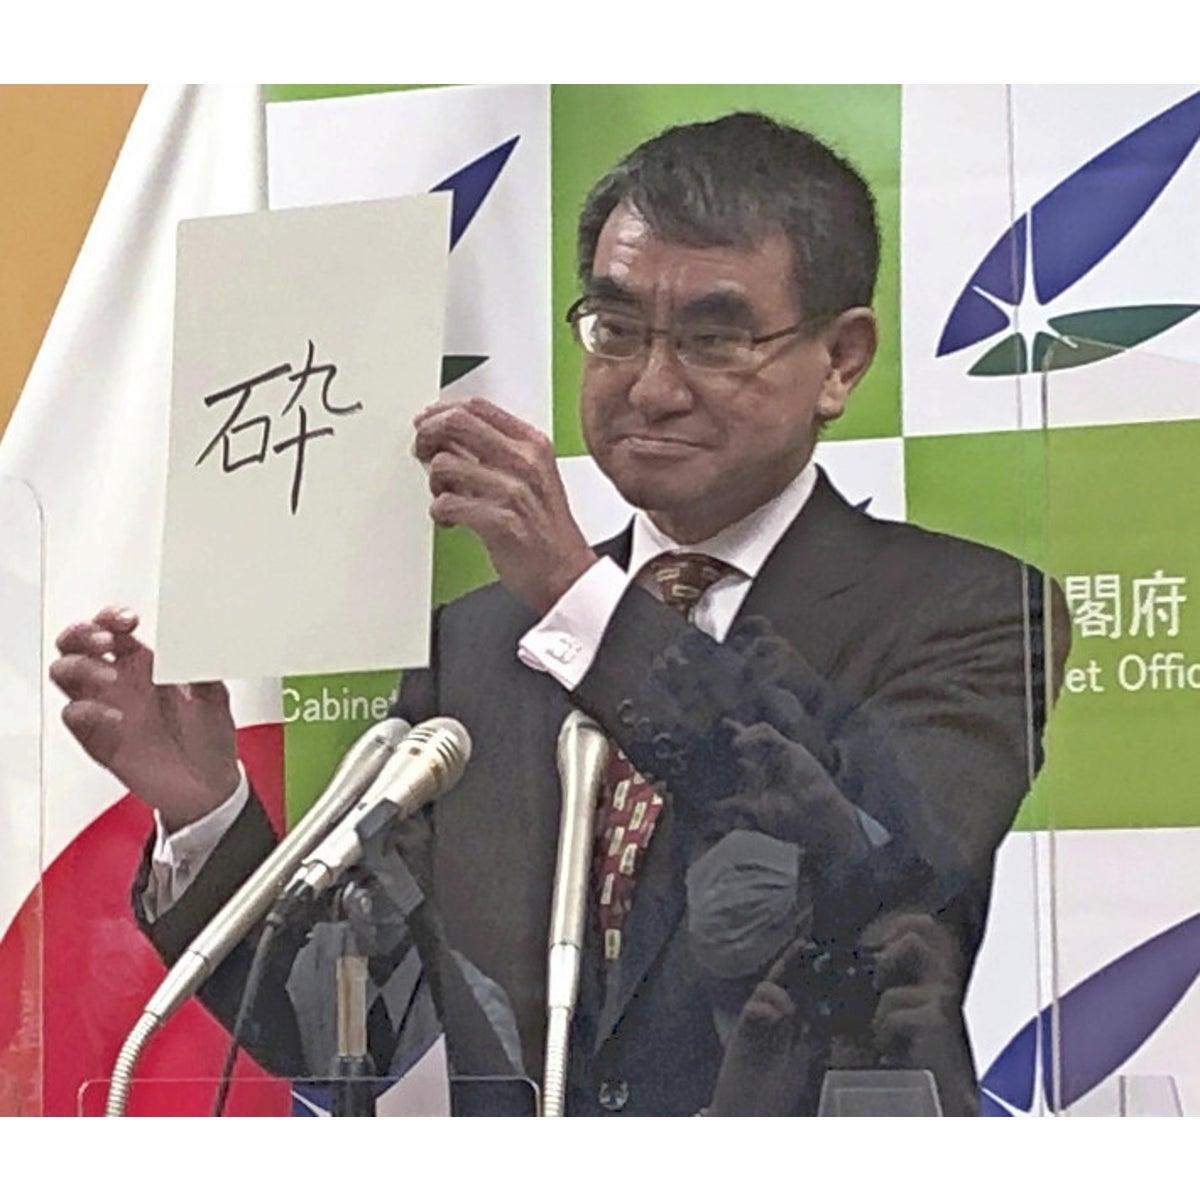 大臣 娘 田村 厚生 労働